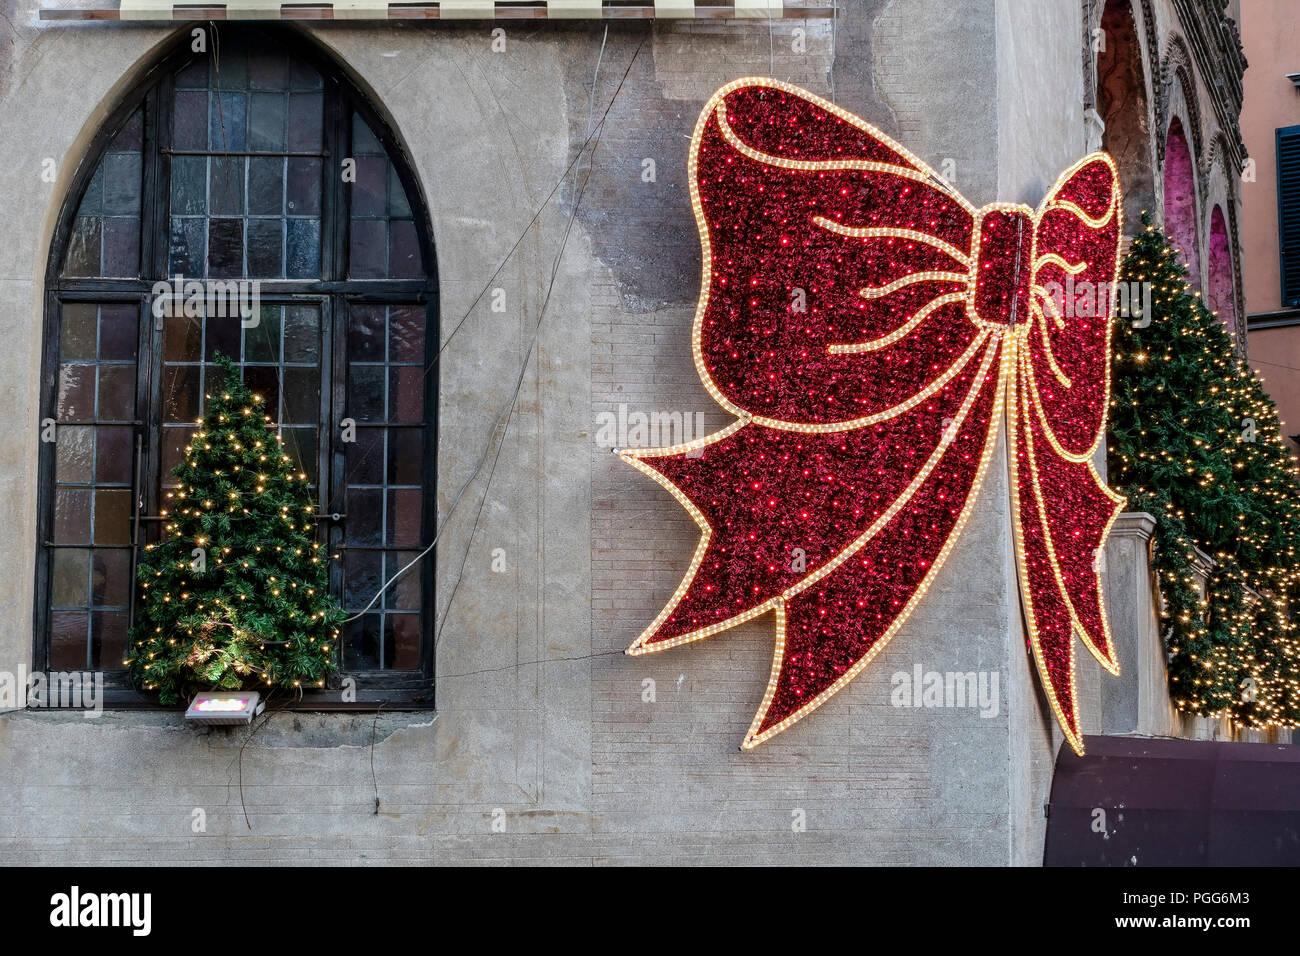 Hostaria dell'Orso à l'époque de Noël avec des décorations traditionnelles et des lumières. Big Red Bow. L'ancienne façade de l'immeuble du 14ème siècle. Rome, Italie, Europe. Photo Stock